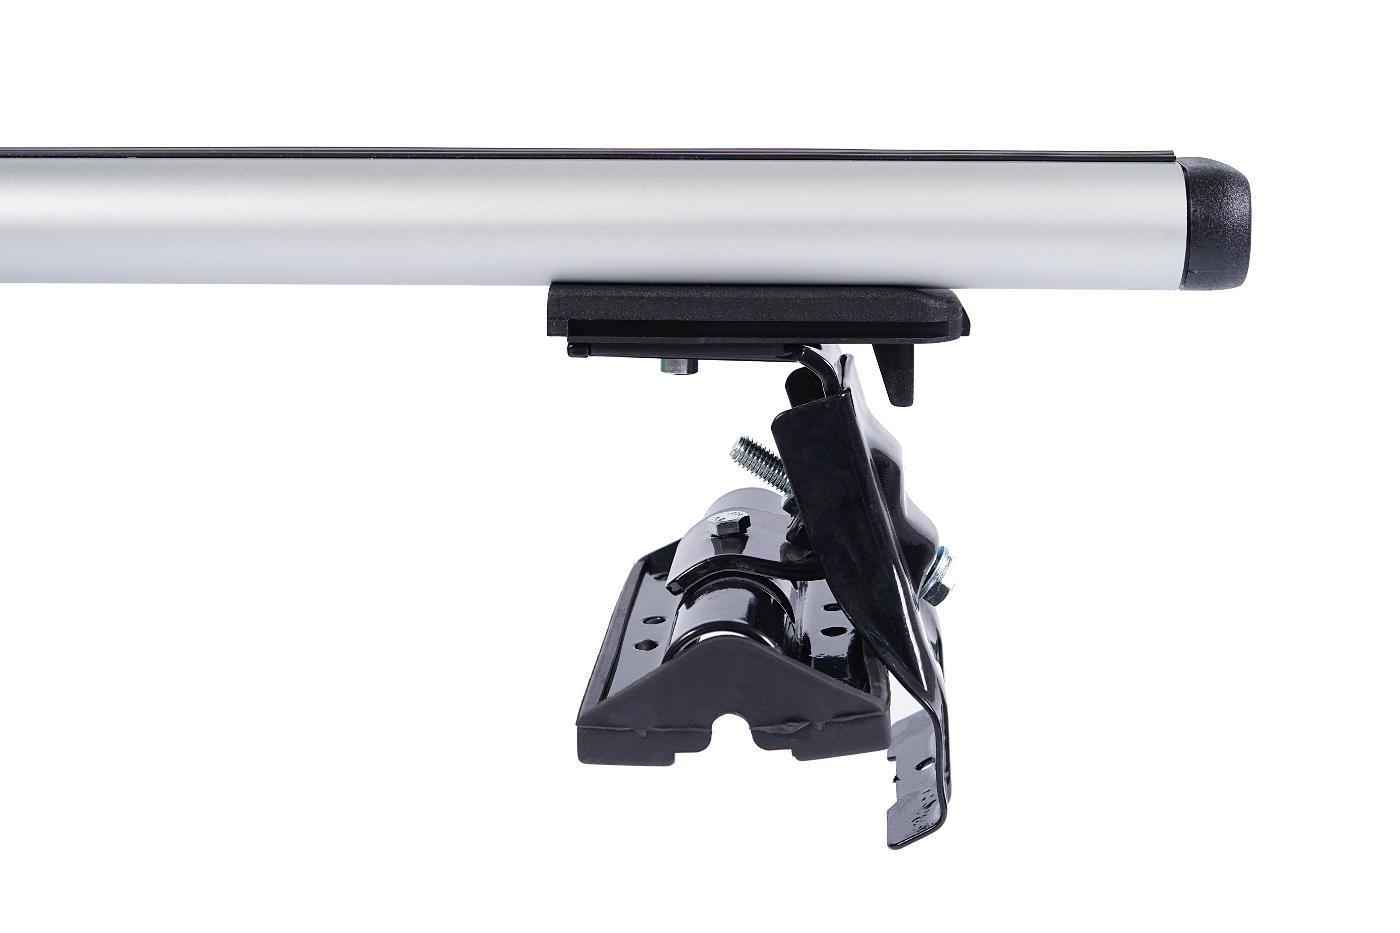 Dachträger Grundträger für Mitsubishi Grandis 03-11 140cm verzinkt 75kg AMOS